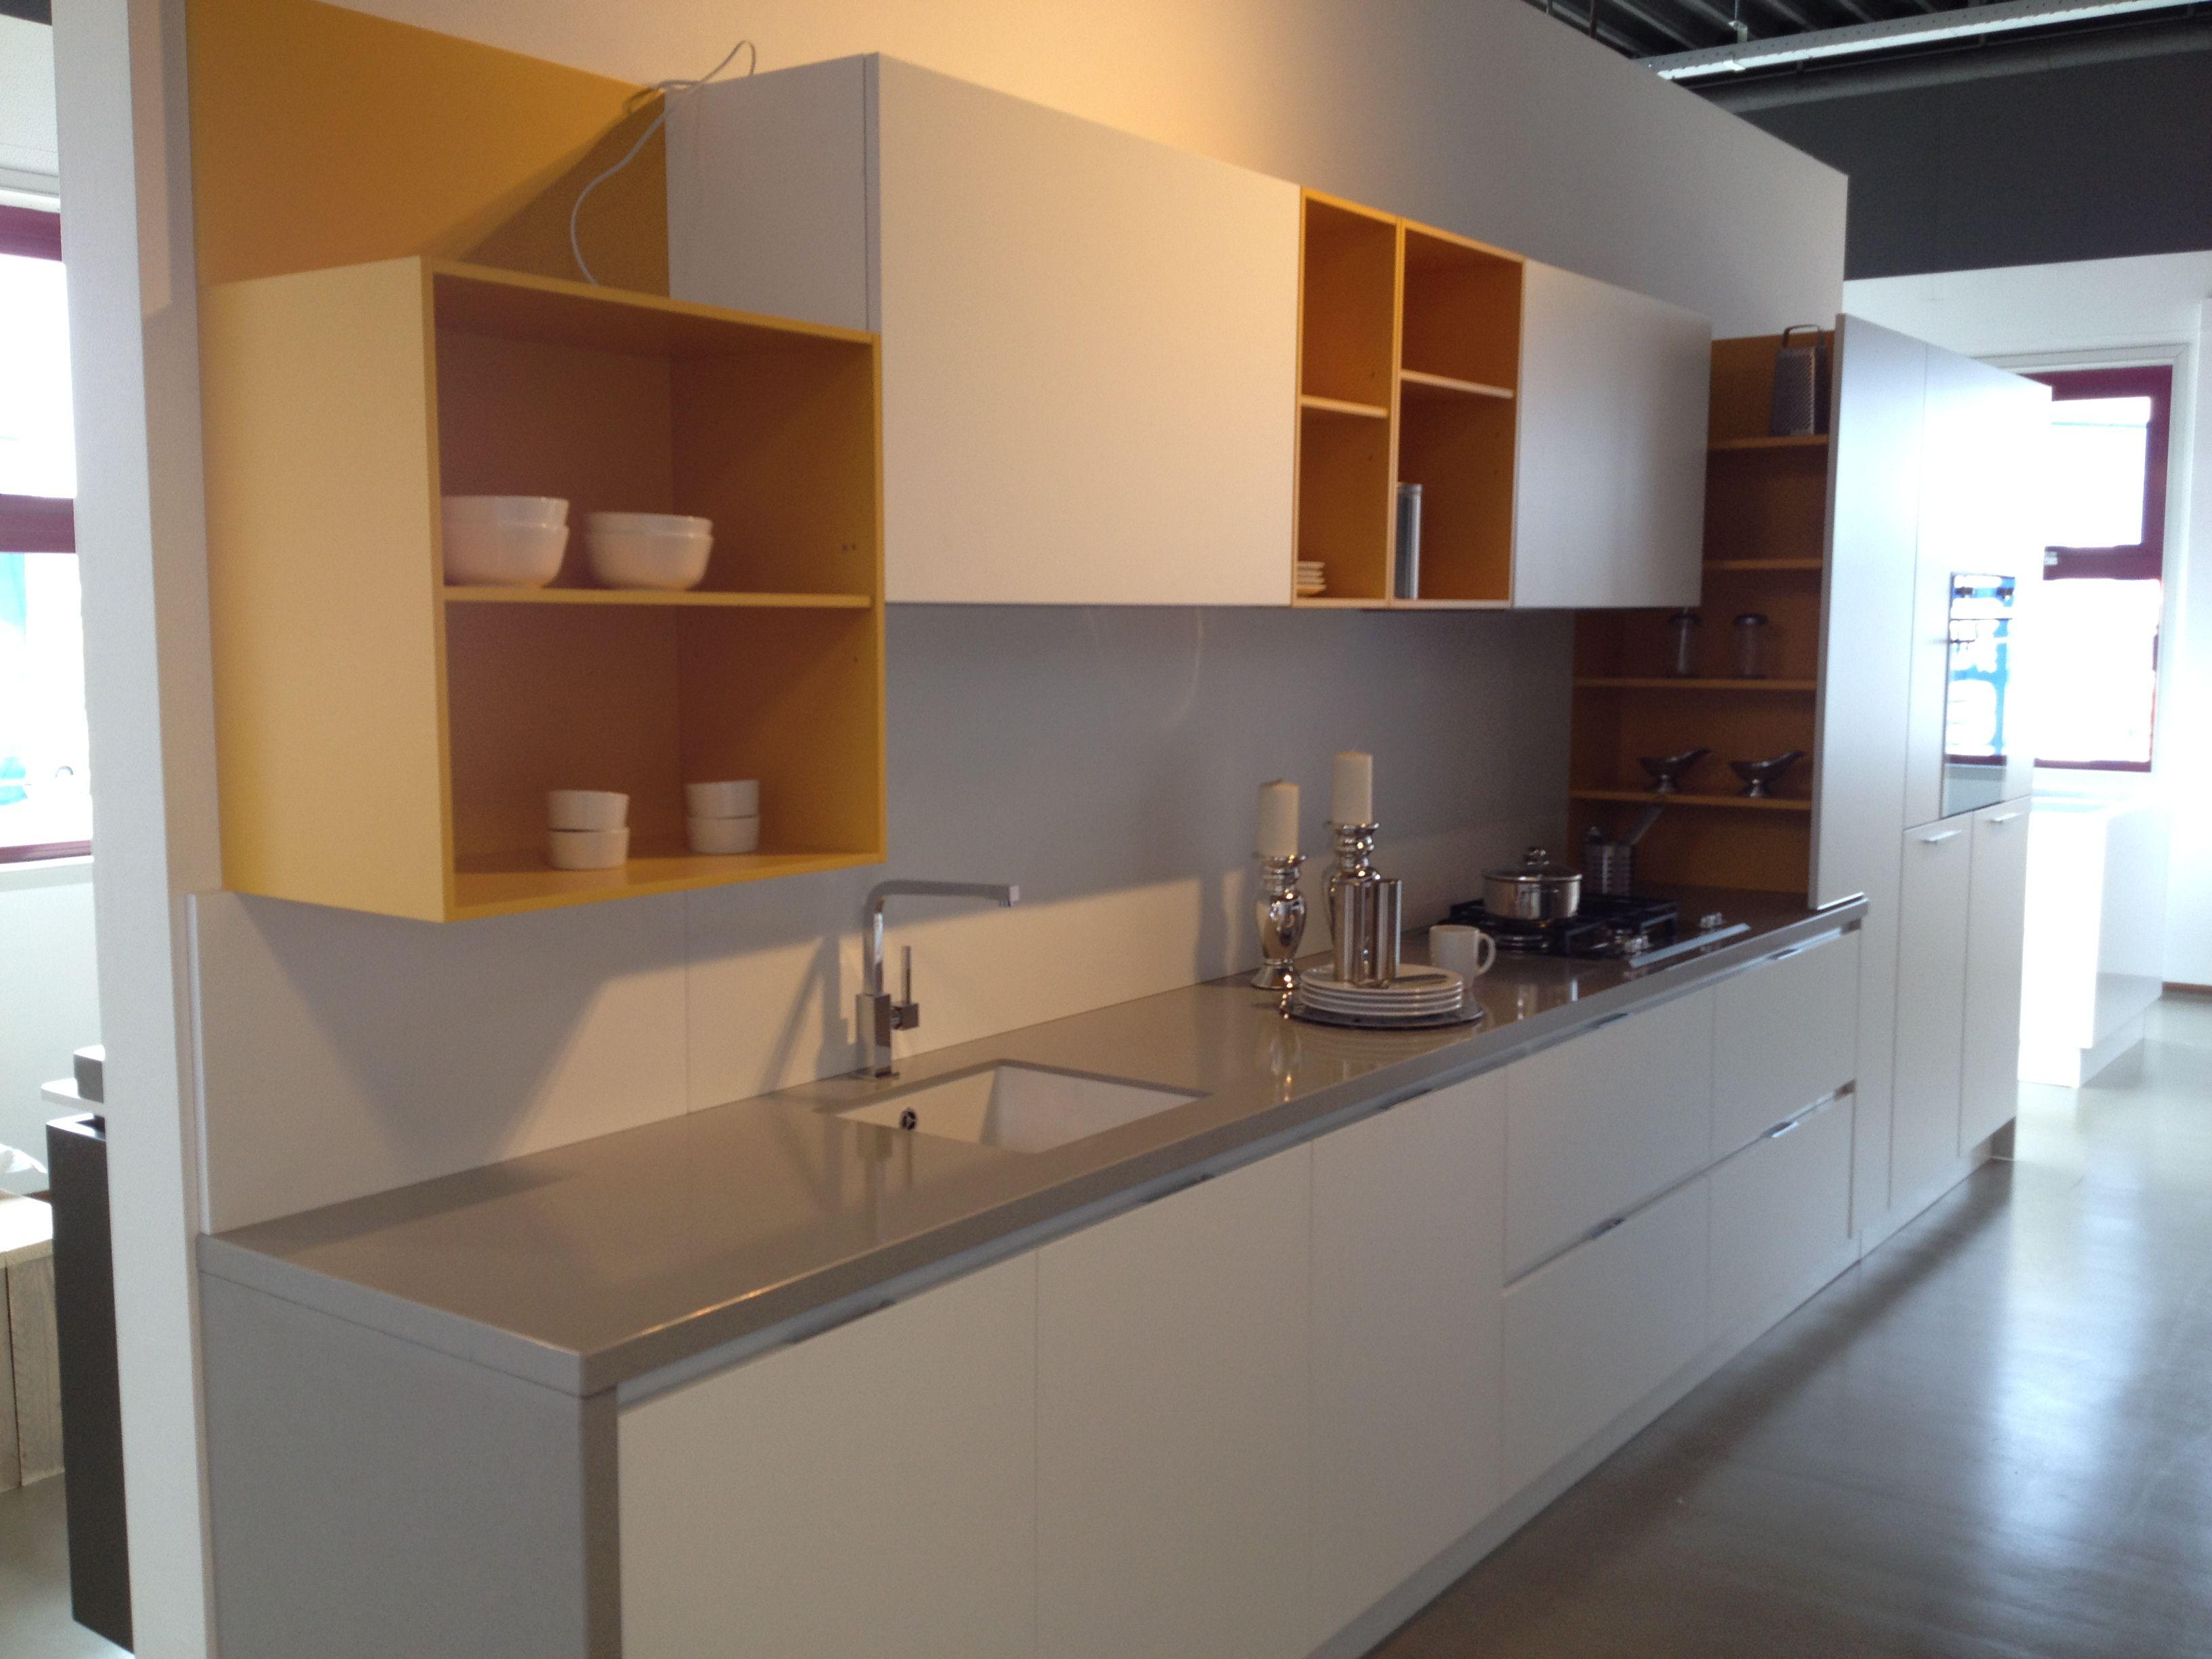 Van Ham Keukens : Wim van der ham keukens wattstraat 12 14 zoetermeer 0793300900